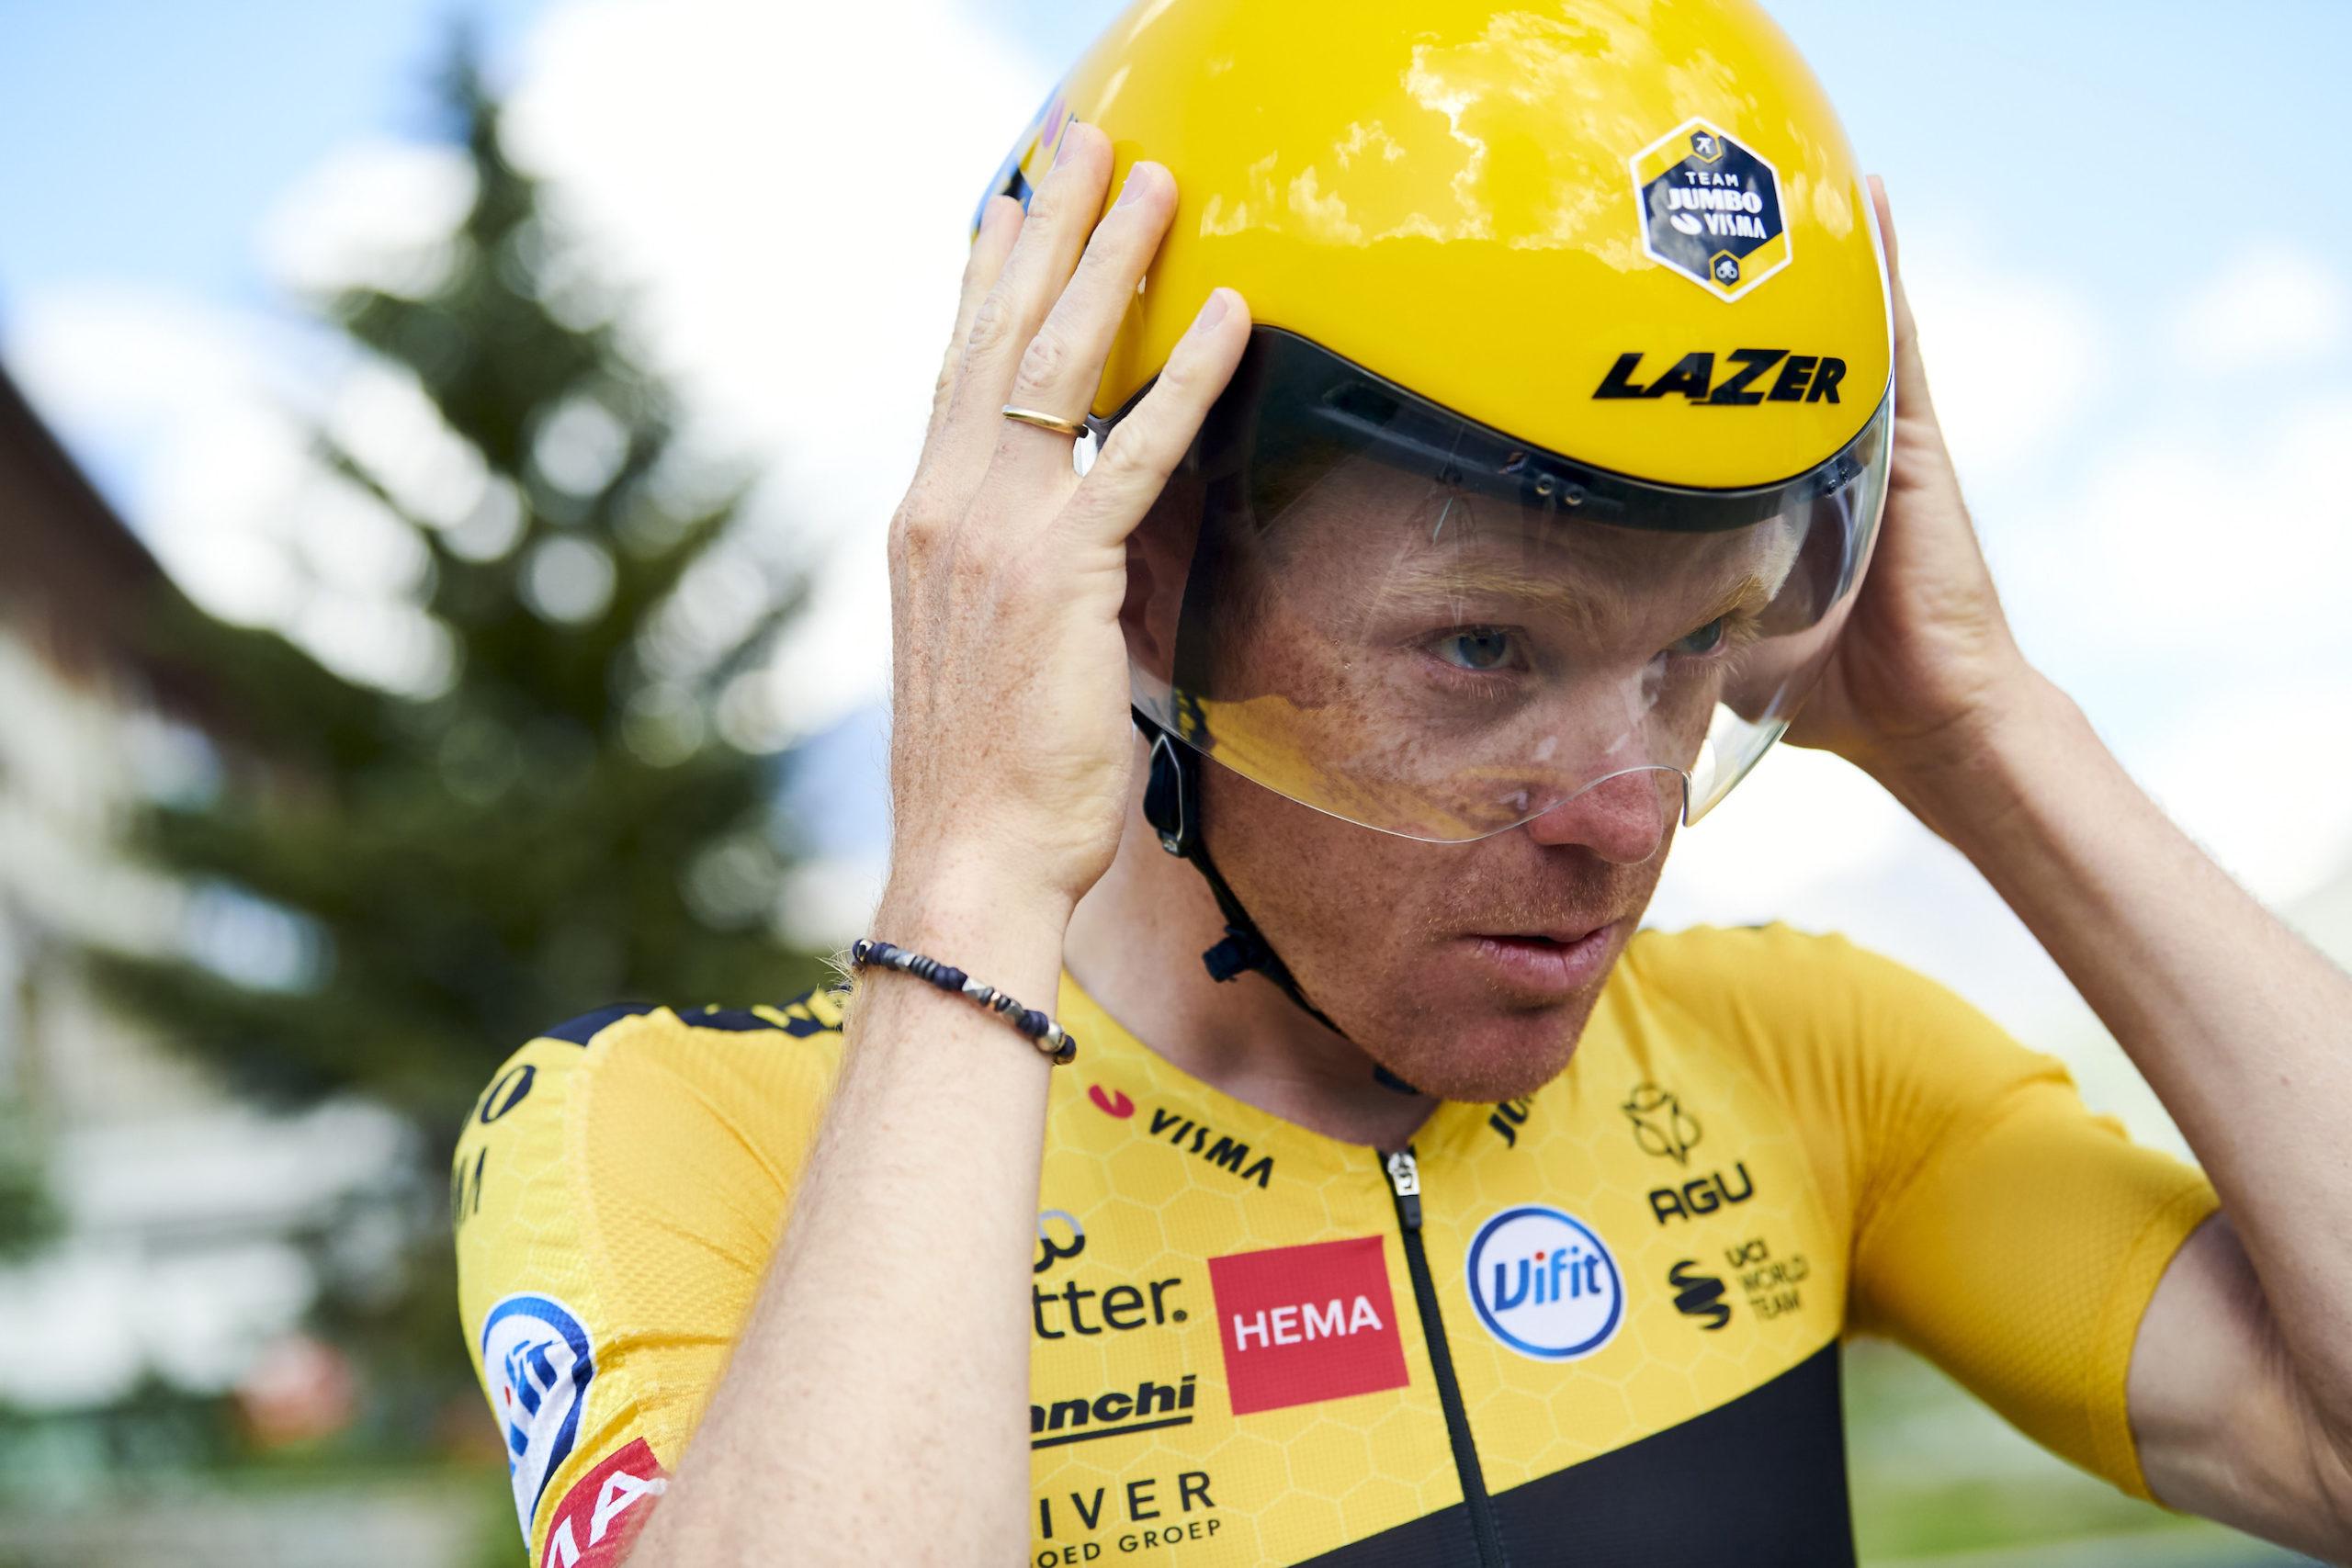 time trial helmet at the tour de france